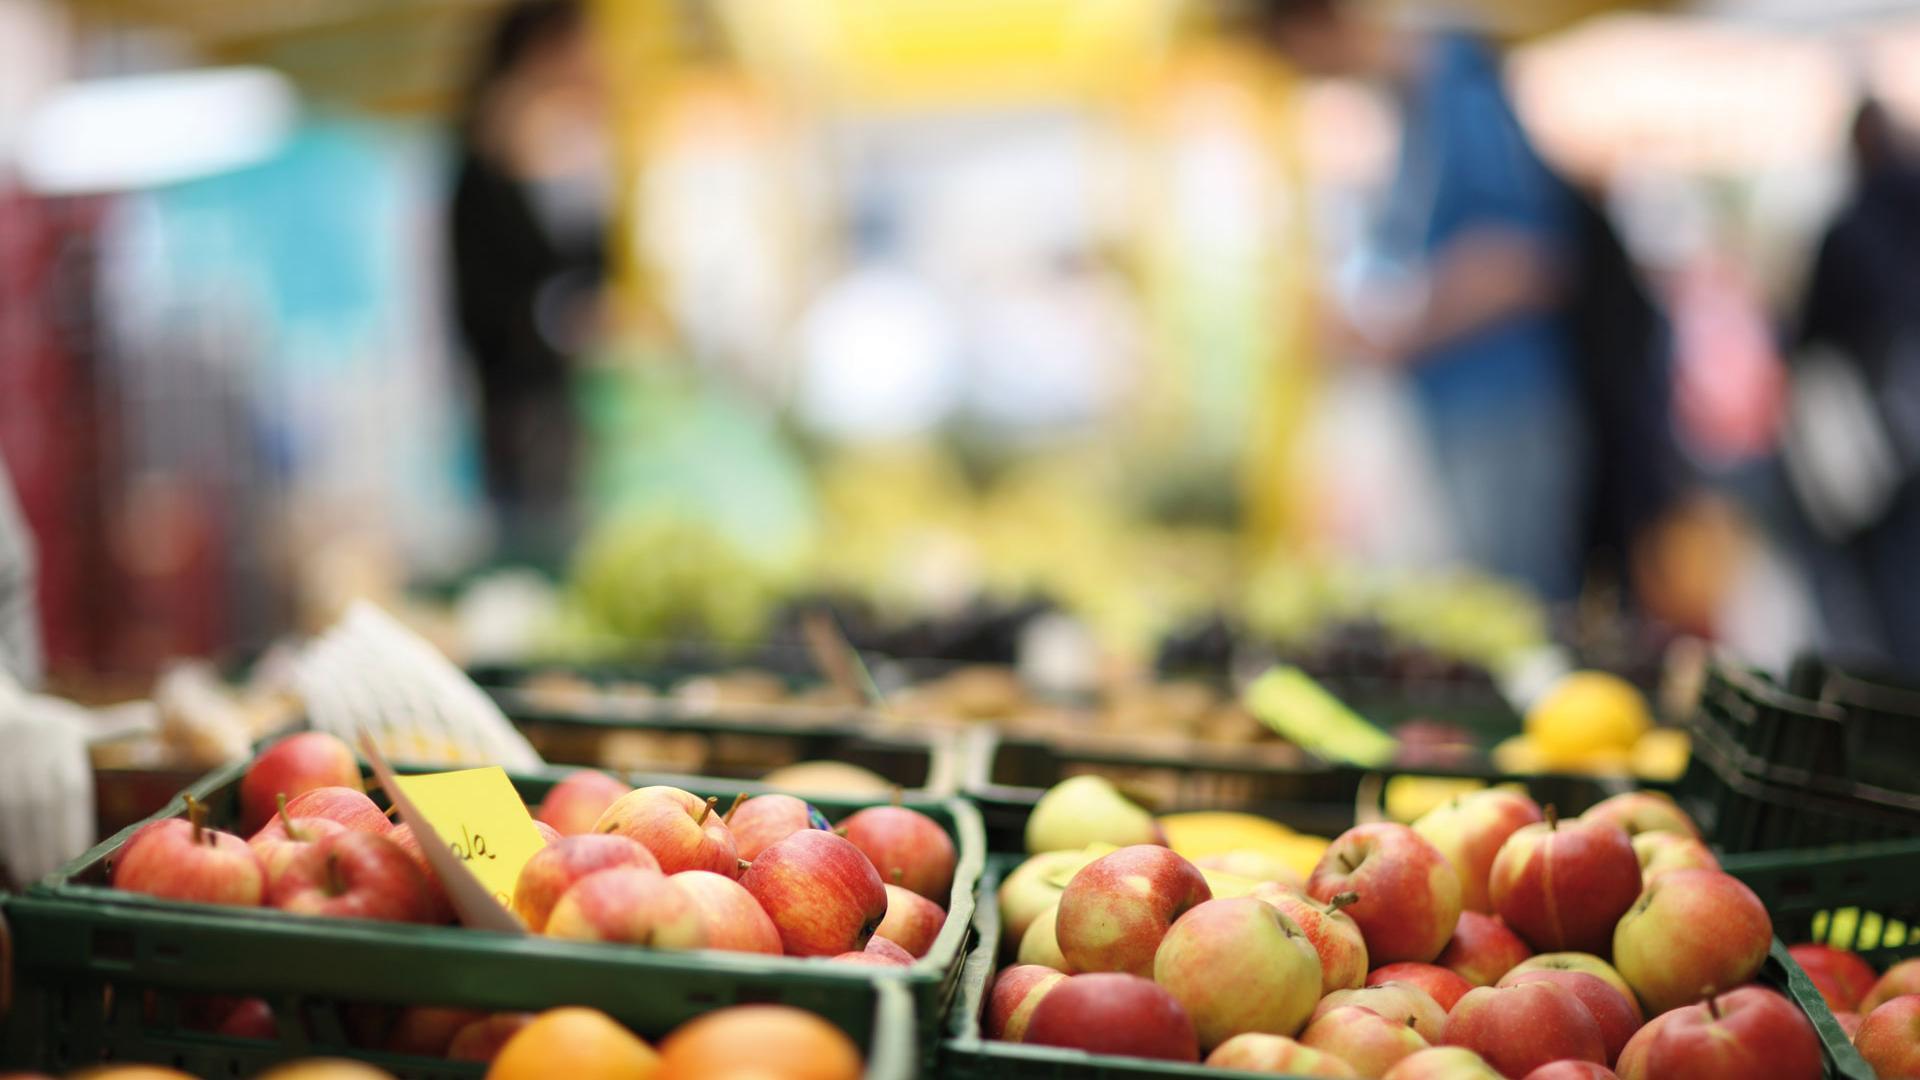 Oldenburger Münsterland - Frisches Obst auf dem Markt